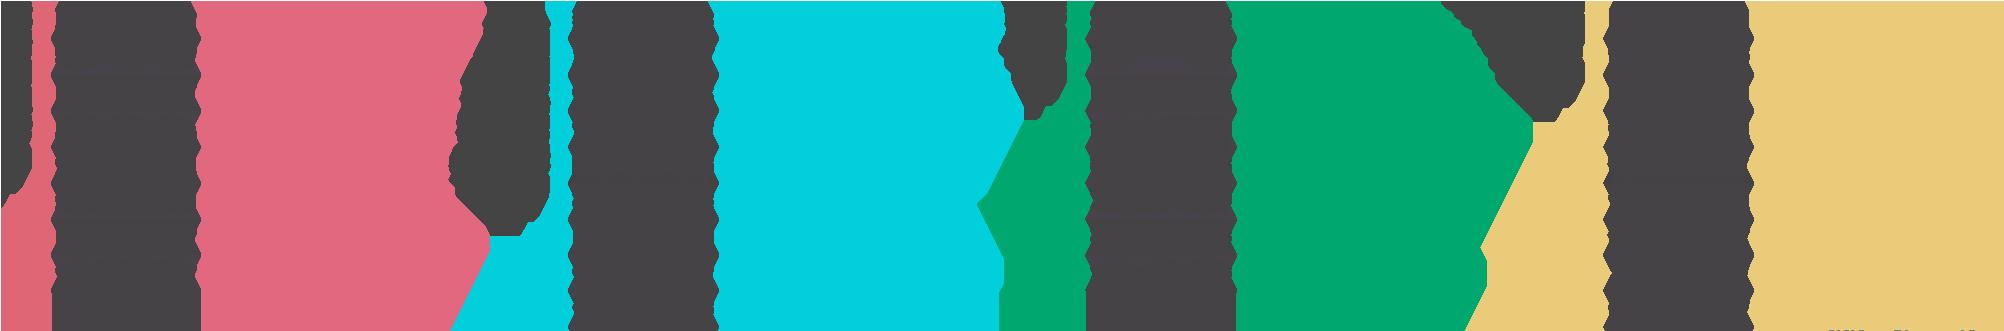 阿部 紗希グラフ